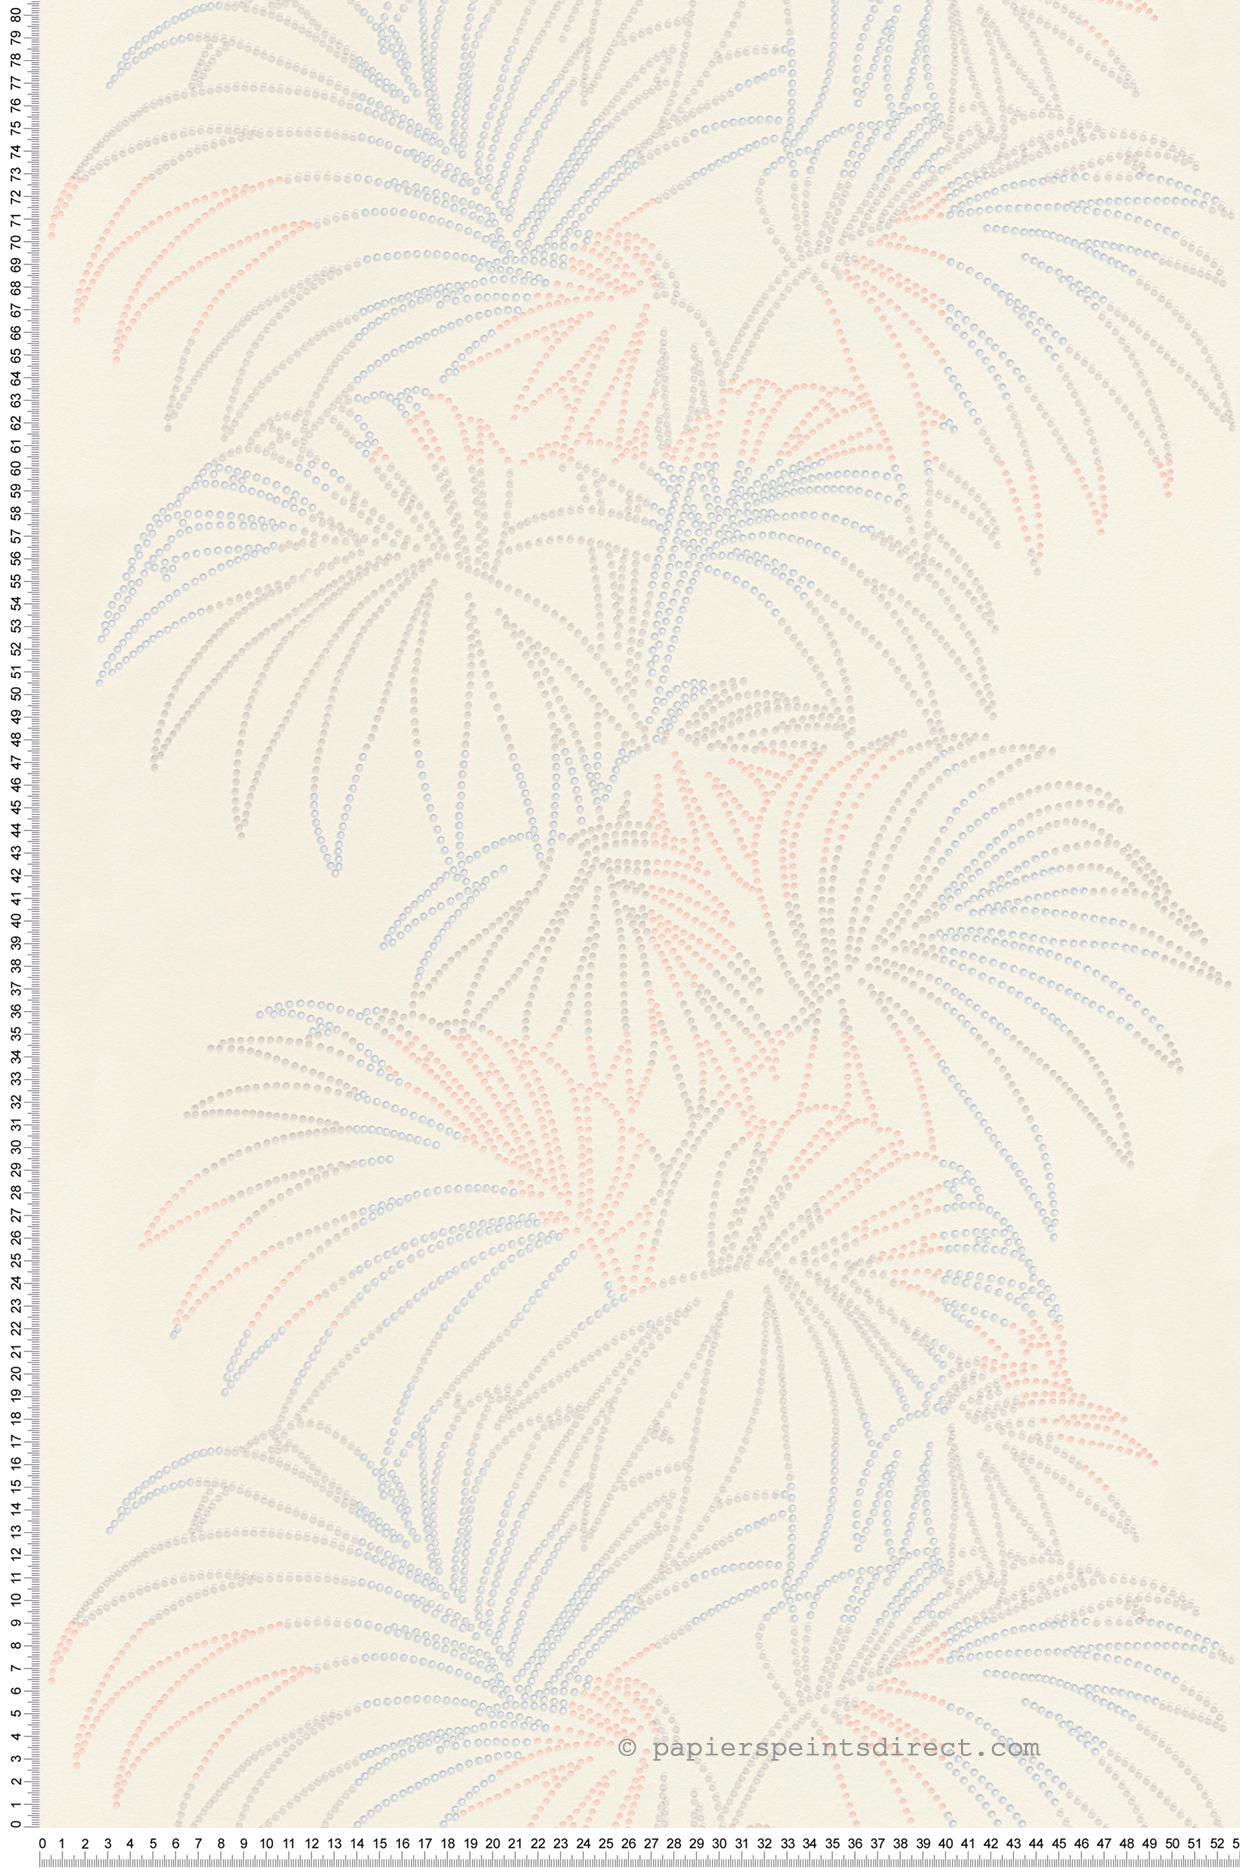 Papier Peint Palmier Pixel Argent Orange Reflection As Creation Ref Sp03716